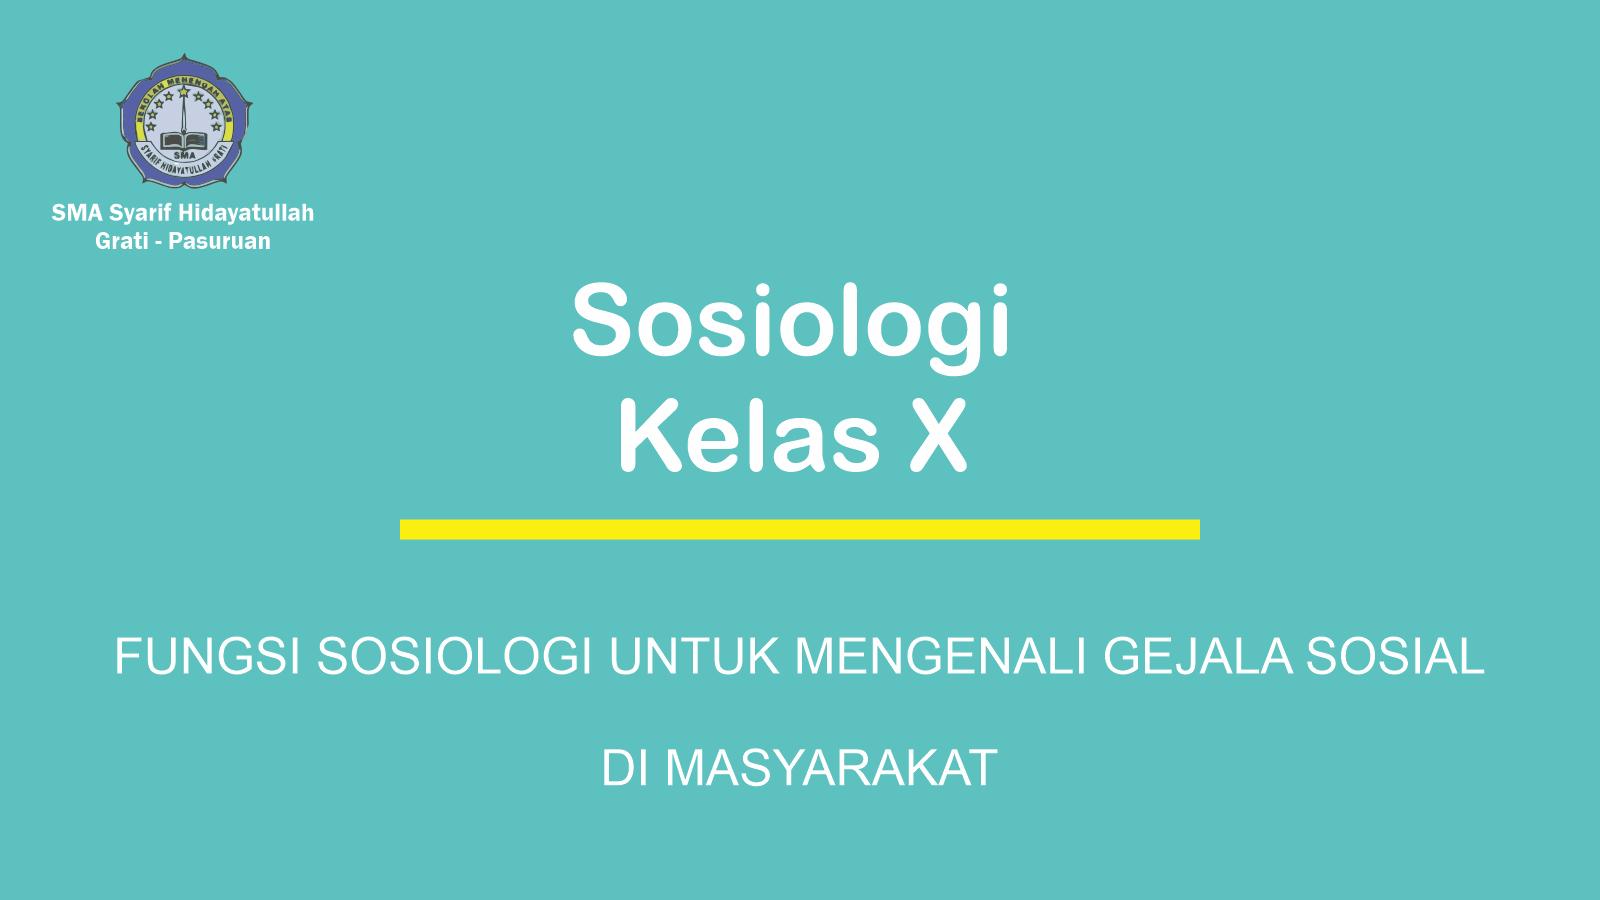 Fungsi Sosiologi Untuk Mengenali Gejala Sosial Di Masyarakat